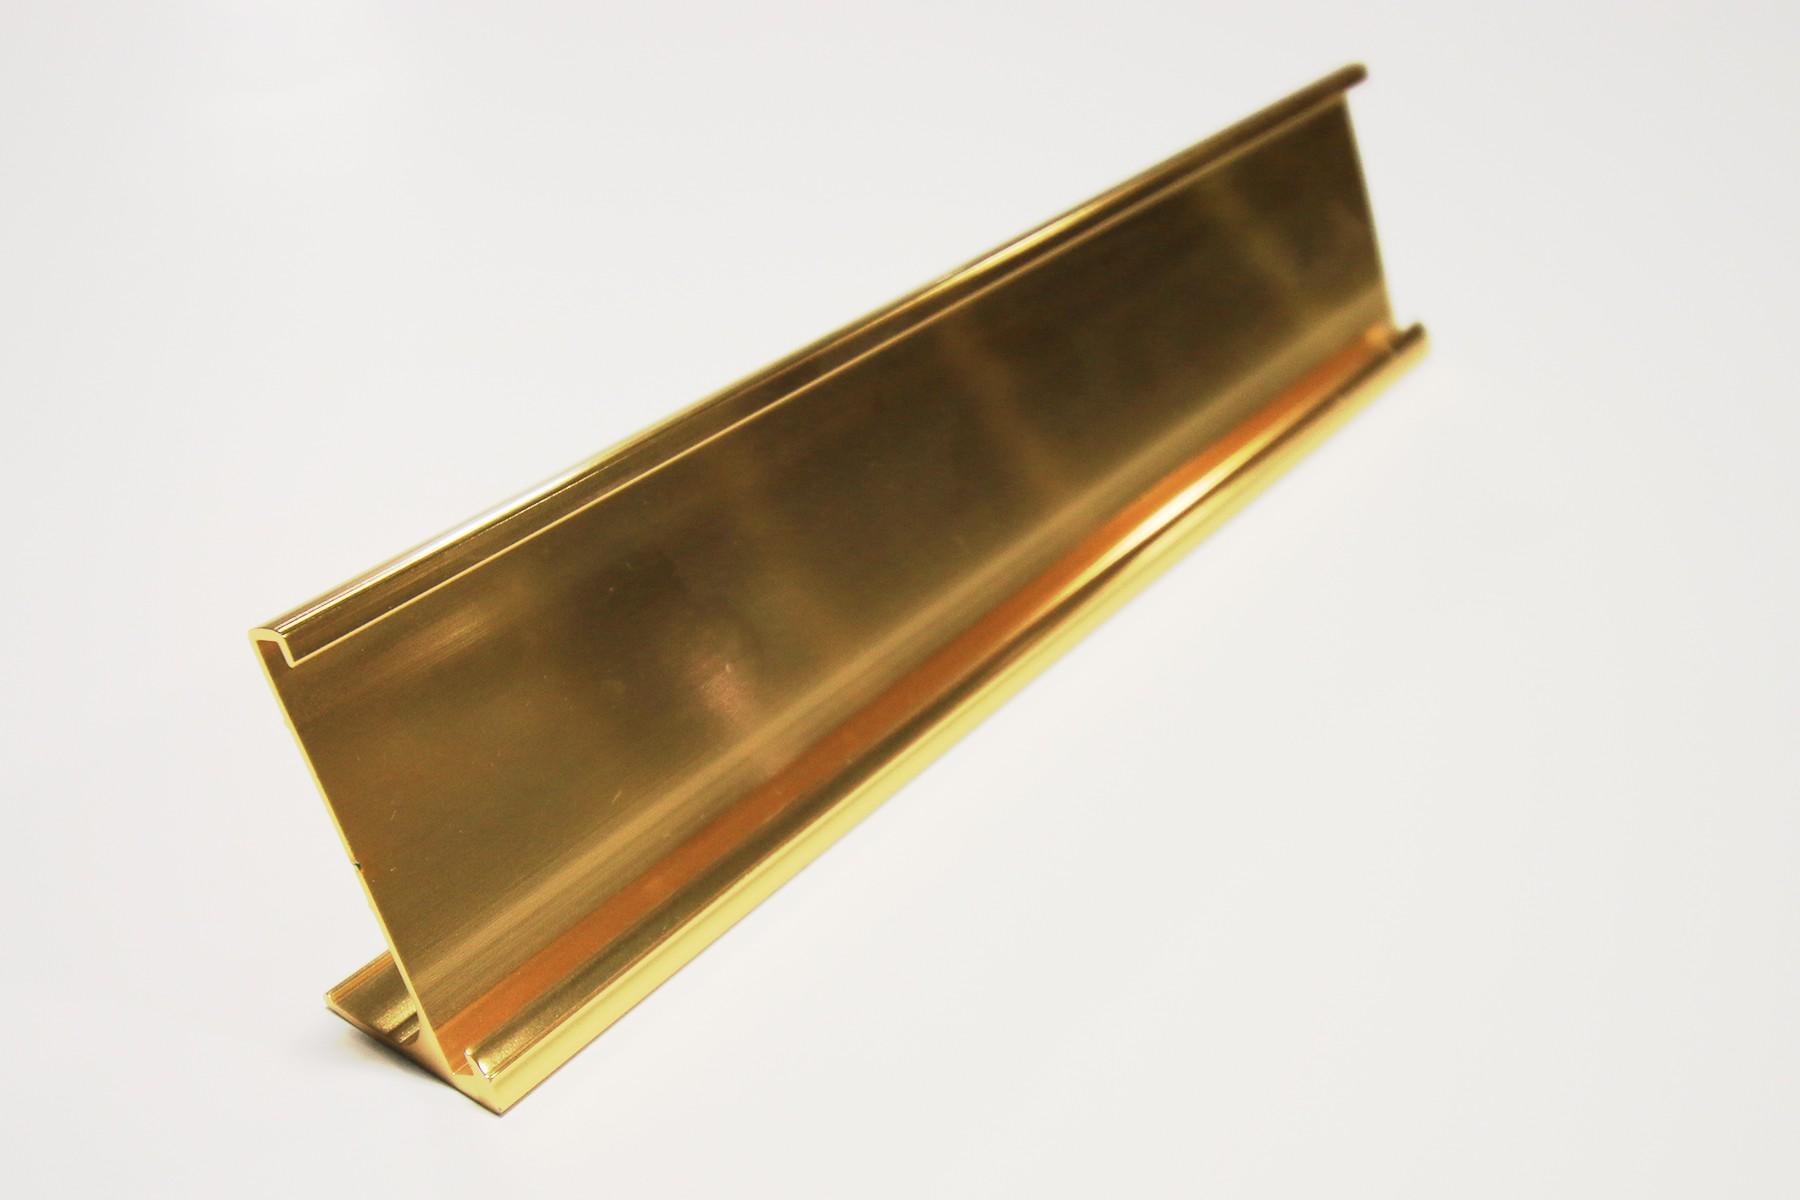 2 x 10 (1/8), Desk Holder, Gold